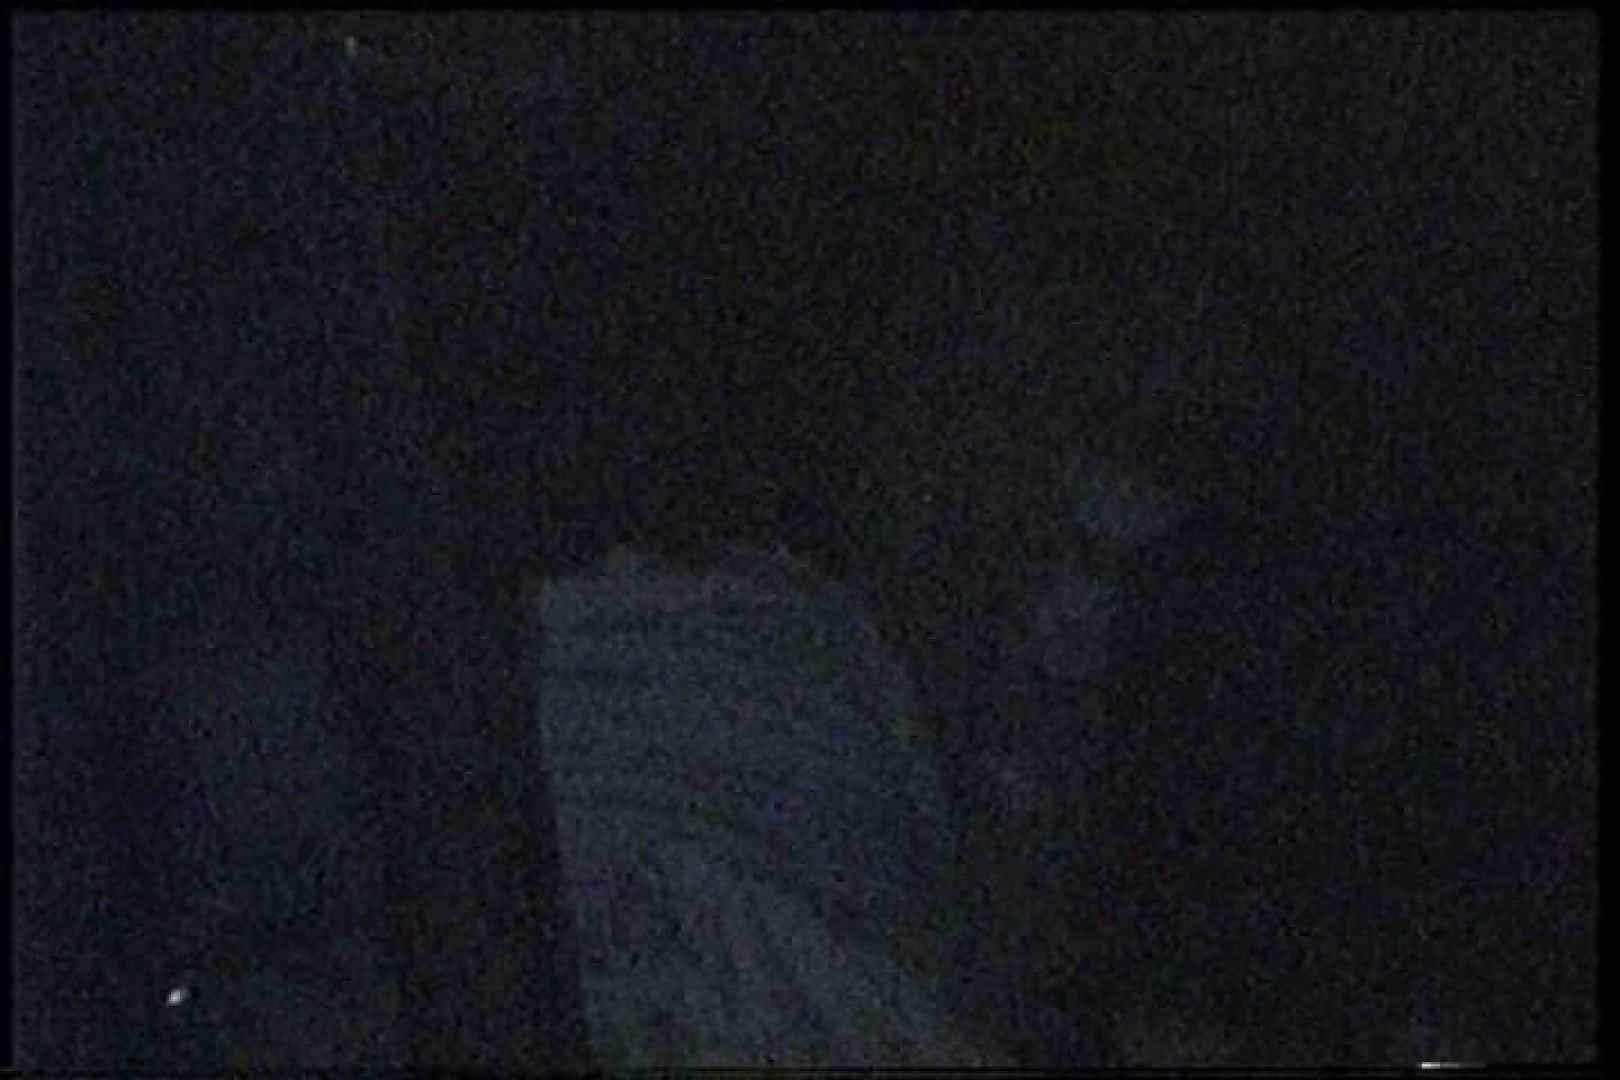 充血監督の深夜の運動会Vol.199 カップルのセックス 濡れ場動画紹介 104PIX 62